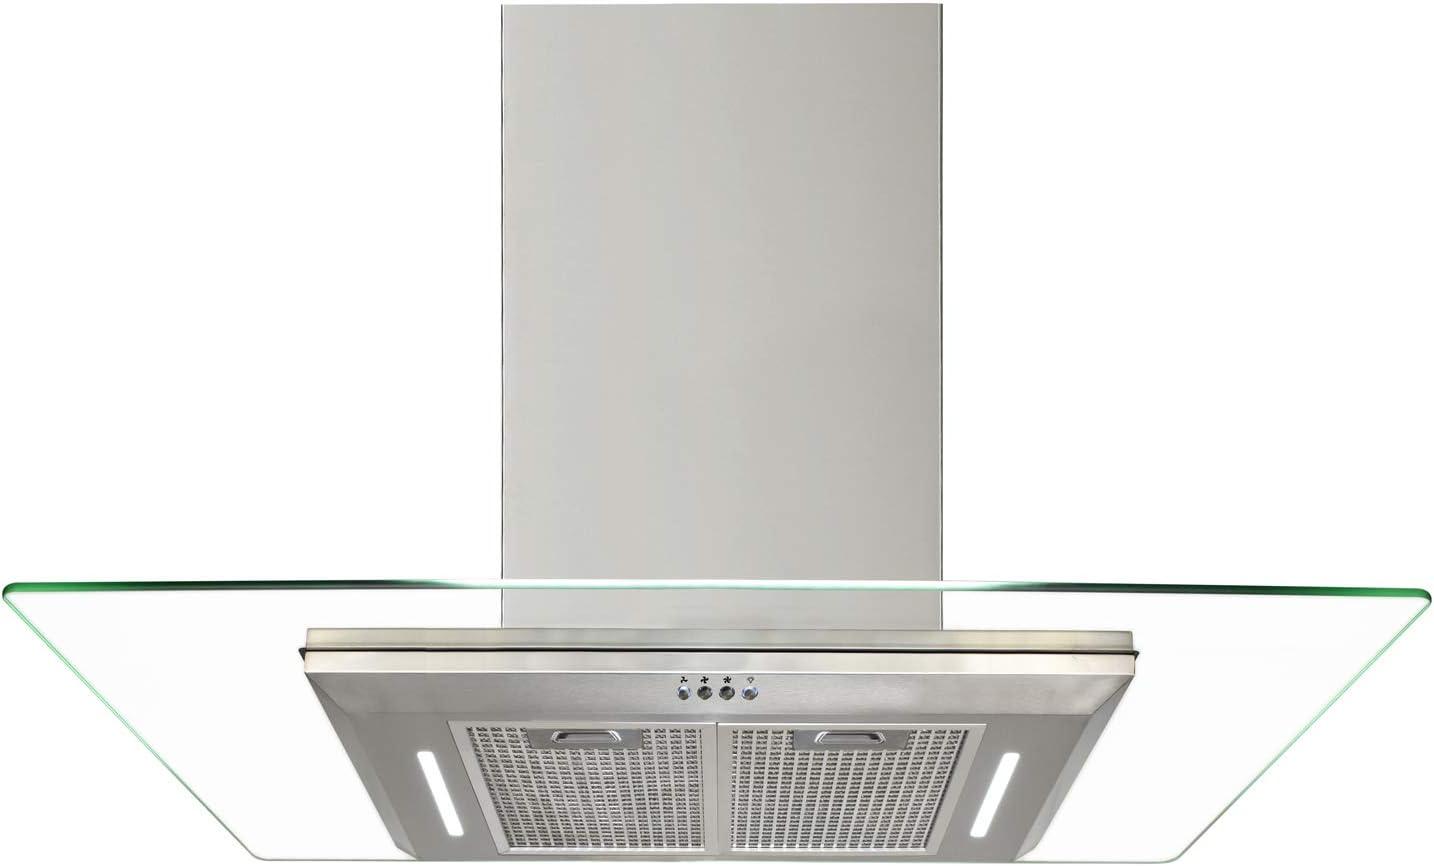 Campana extractora de 630 m³/h, campana de cocción de 70 a 90 cm, cristal plano, acero inoxidable, 2 luces delanteras de trabajo hechas de vidrio endurecido especial 90cm(2x500mm): Amazon.es: Grandes electrodomésticos